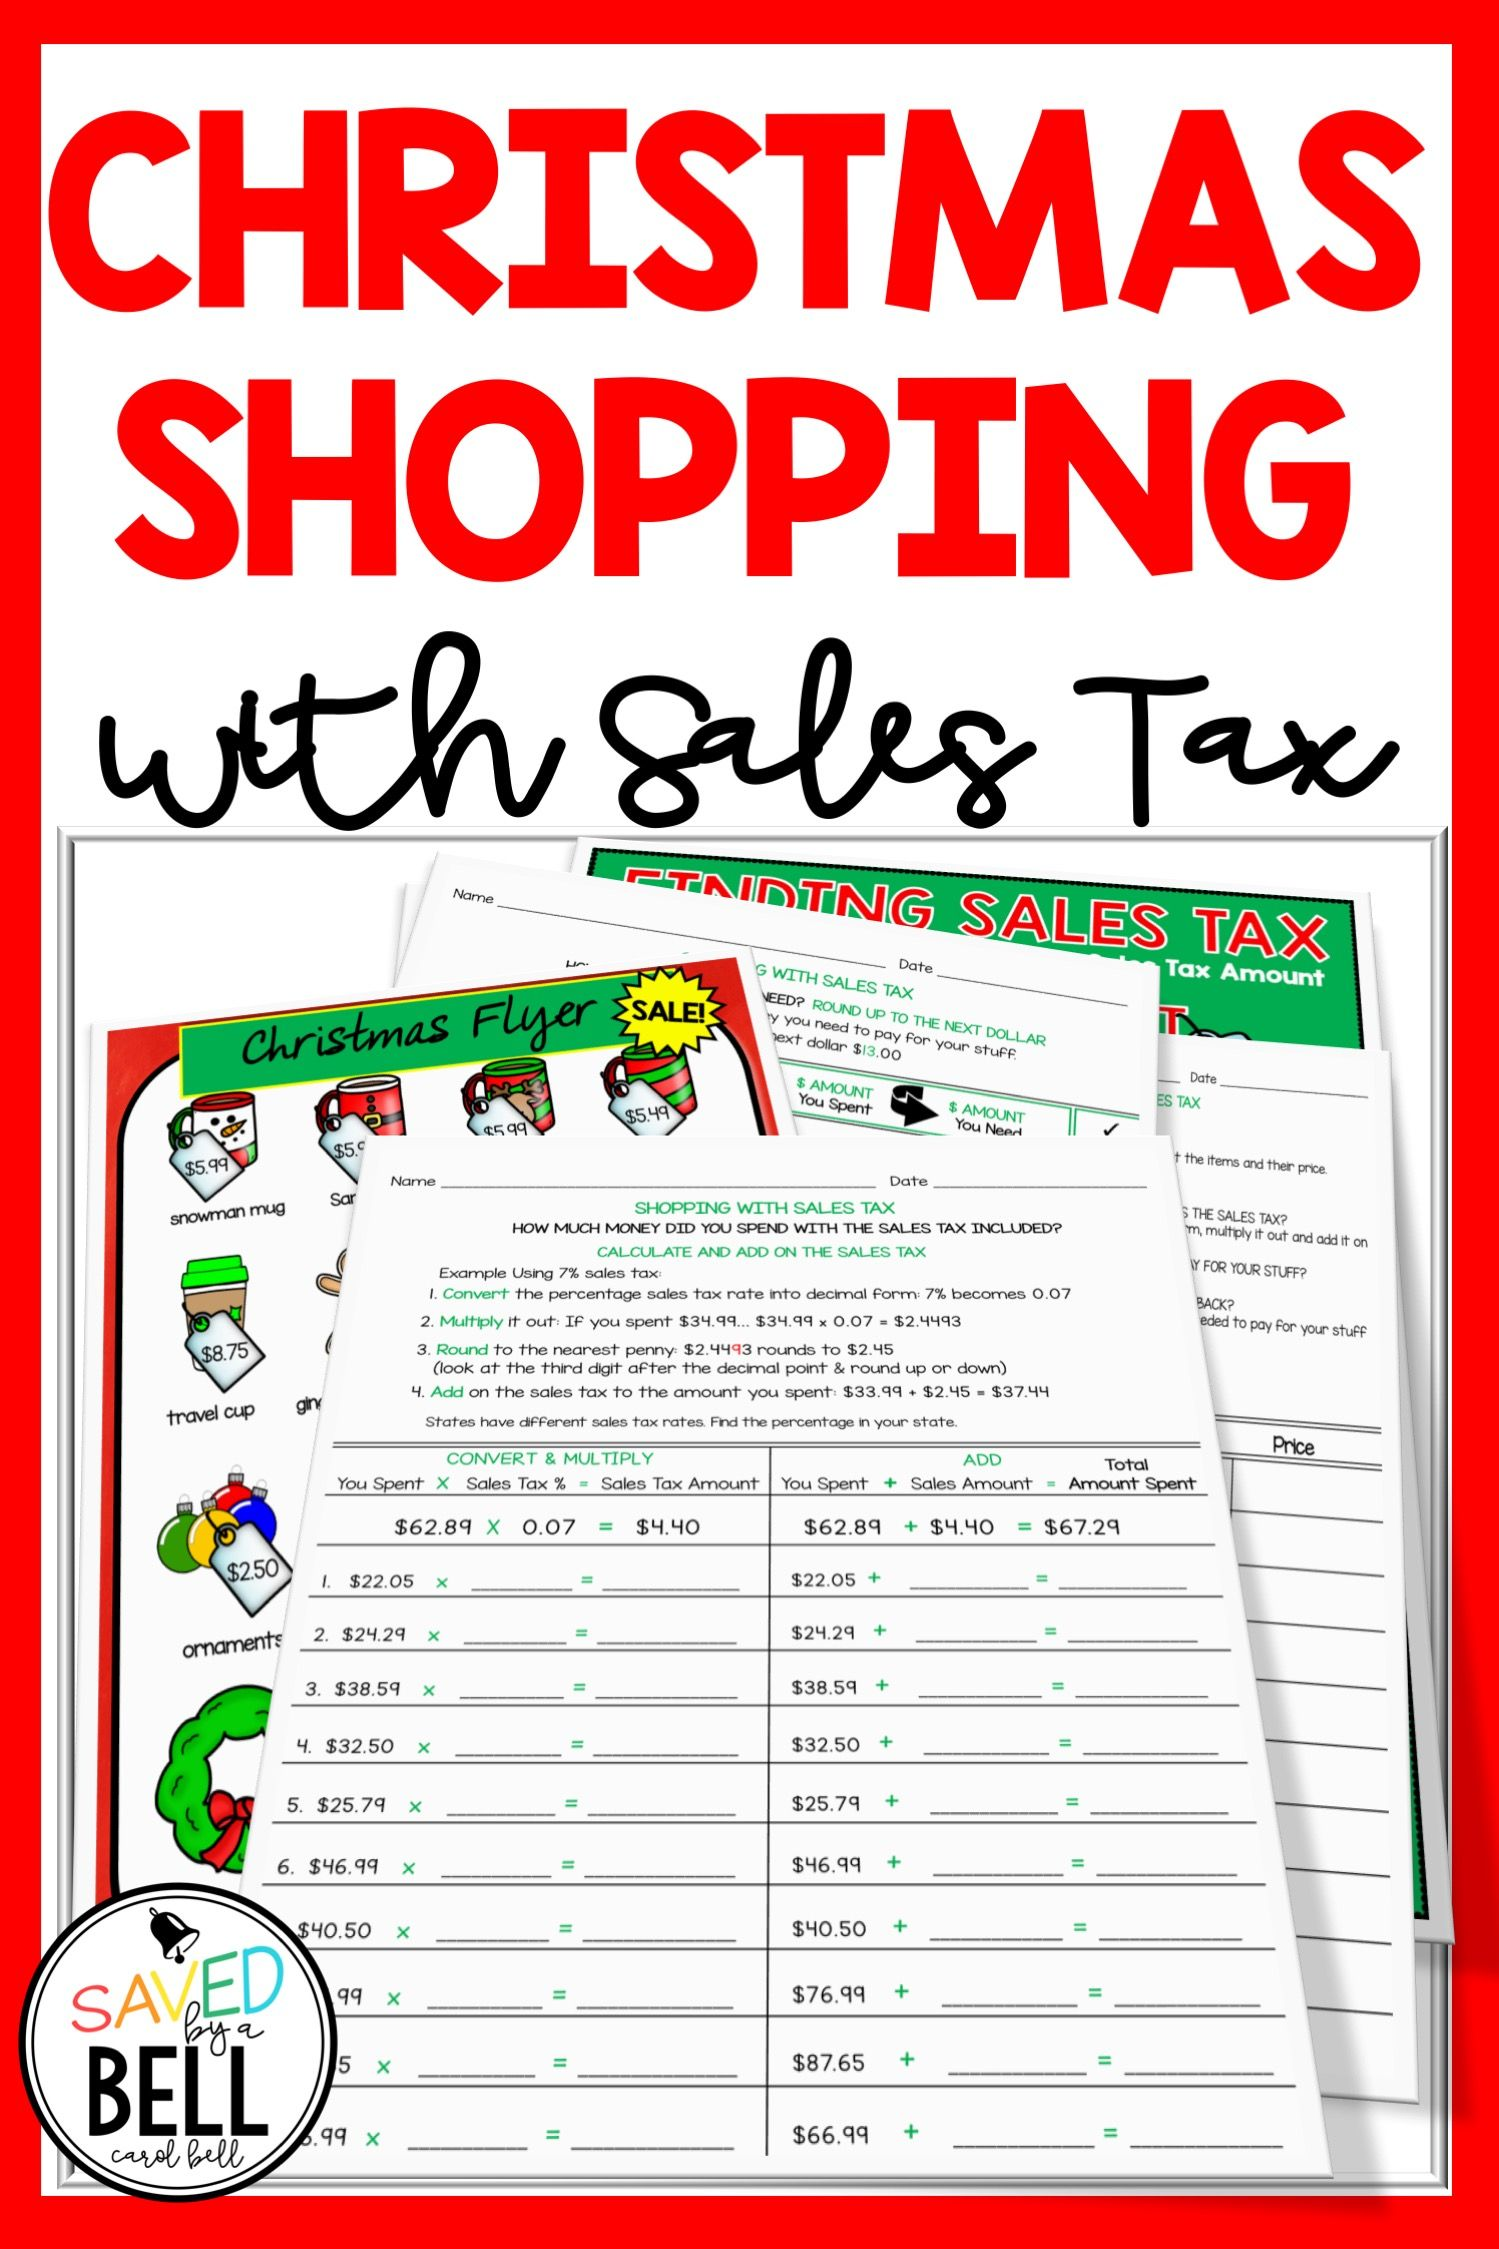 Christmas Sales Tax Worksheets Holiday Math Worksheets Money Math Worksheets Holiday Math [ 2249 x 1499 Pixel ]